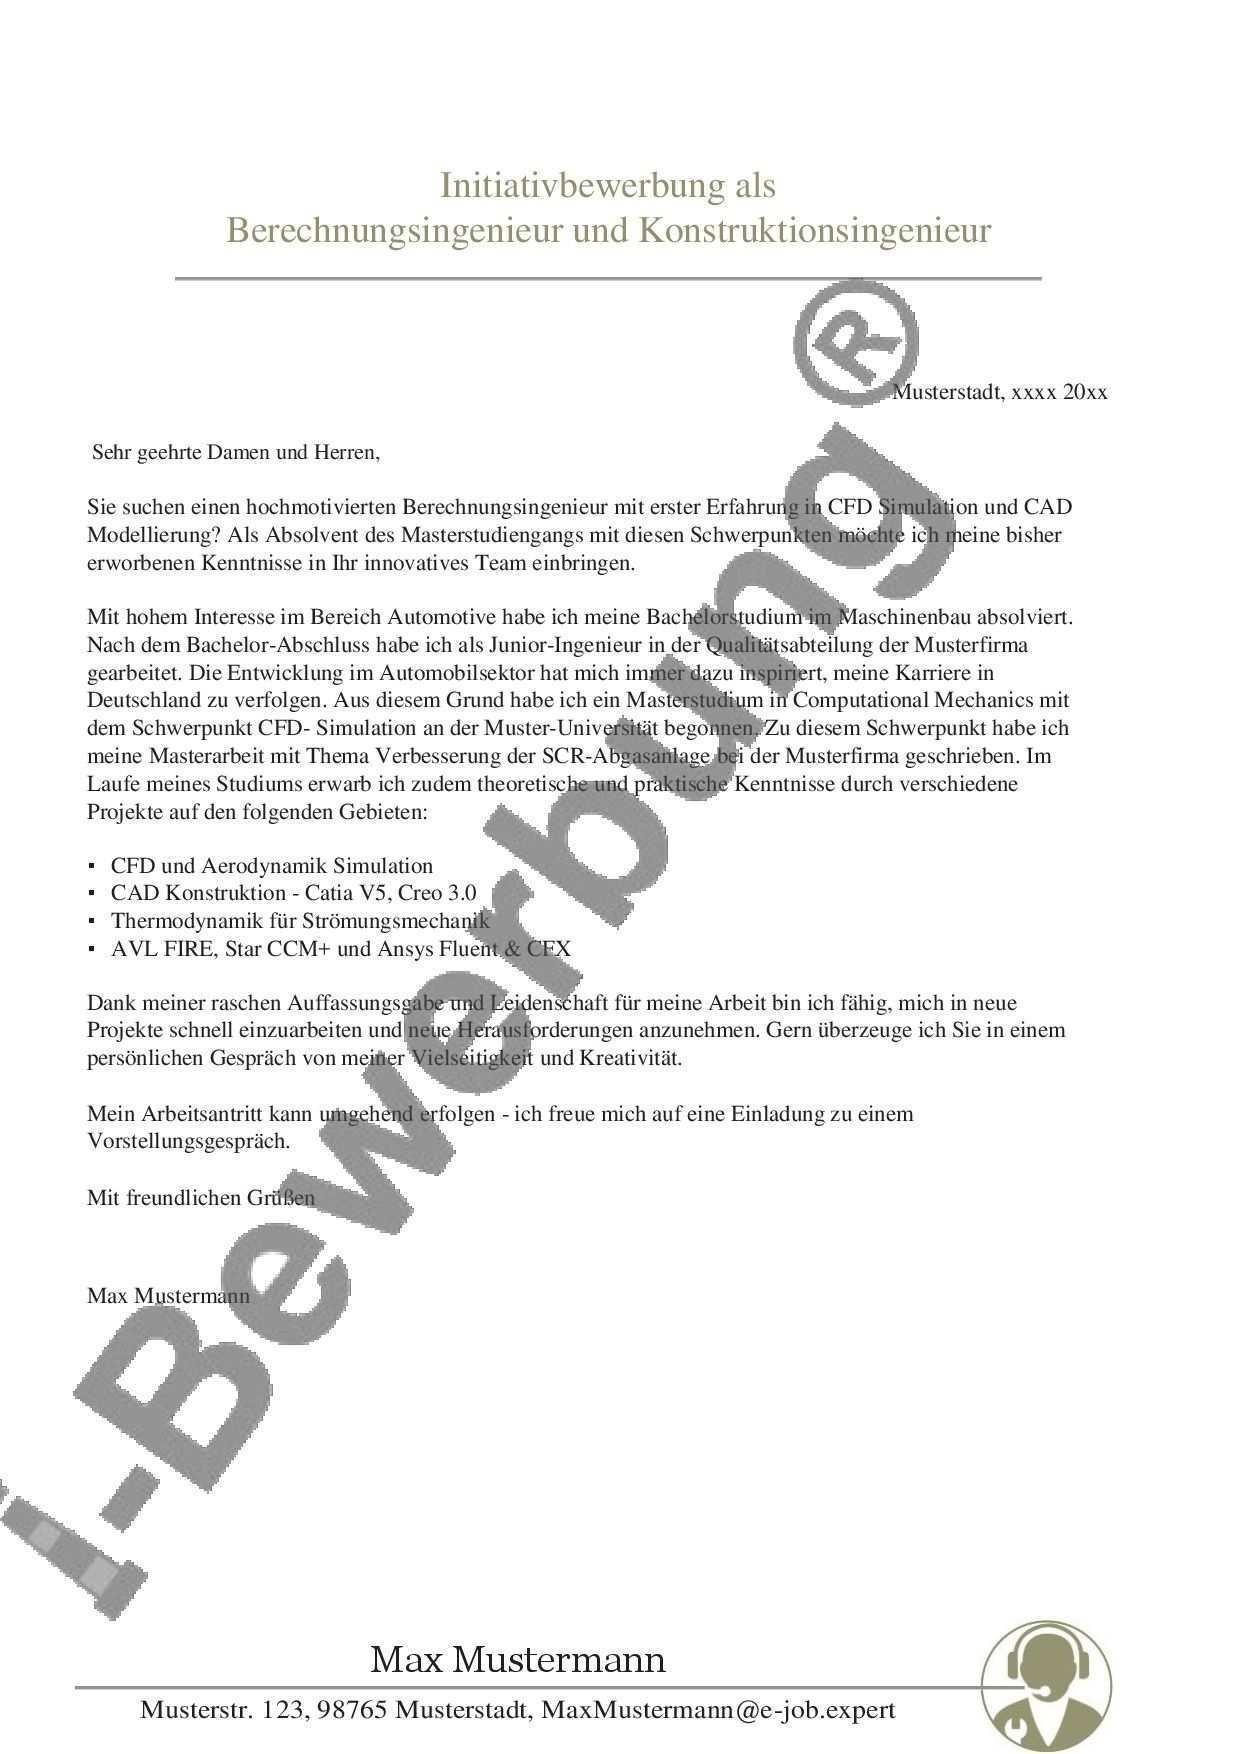 Anschreiben Zur Initiativbewerbung Als Berechnungsingenieur Bewerbung Lebenslauf Vorlage Bewerbung Anschreiben